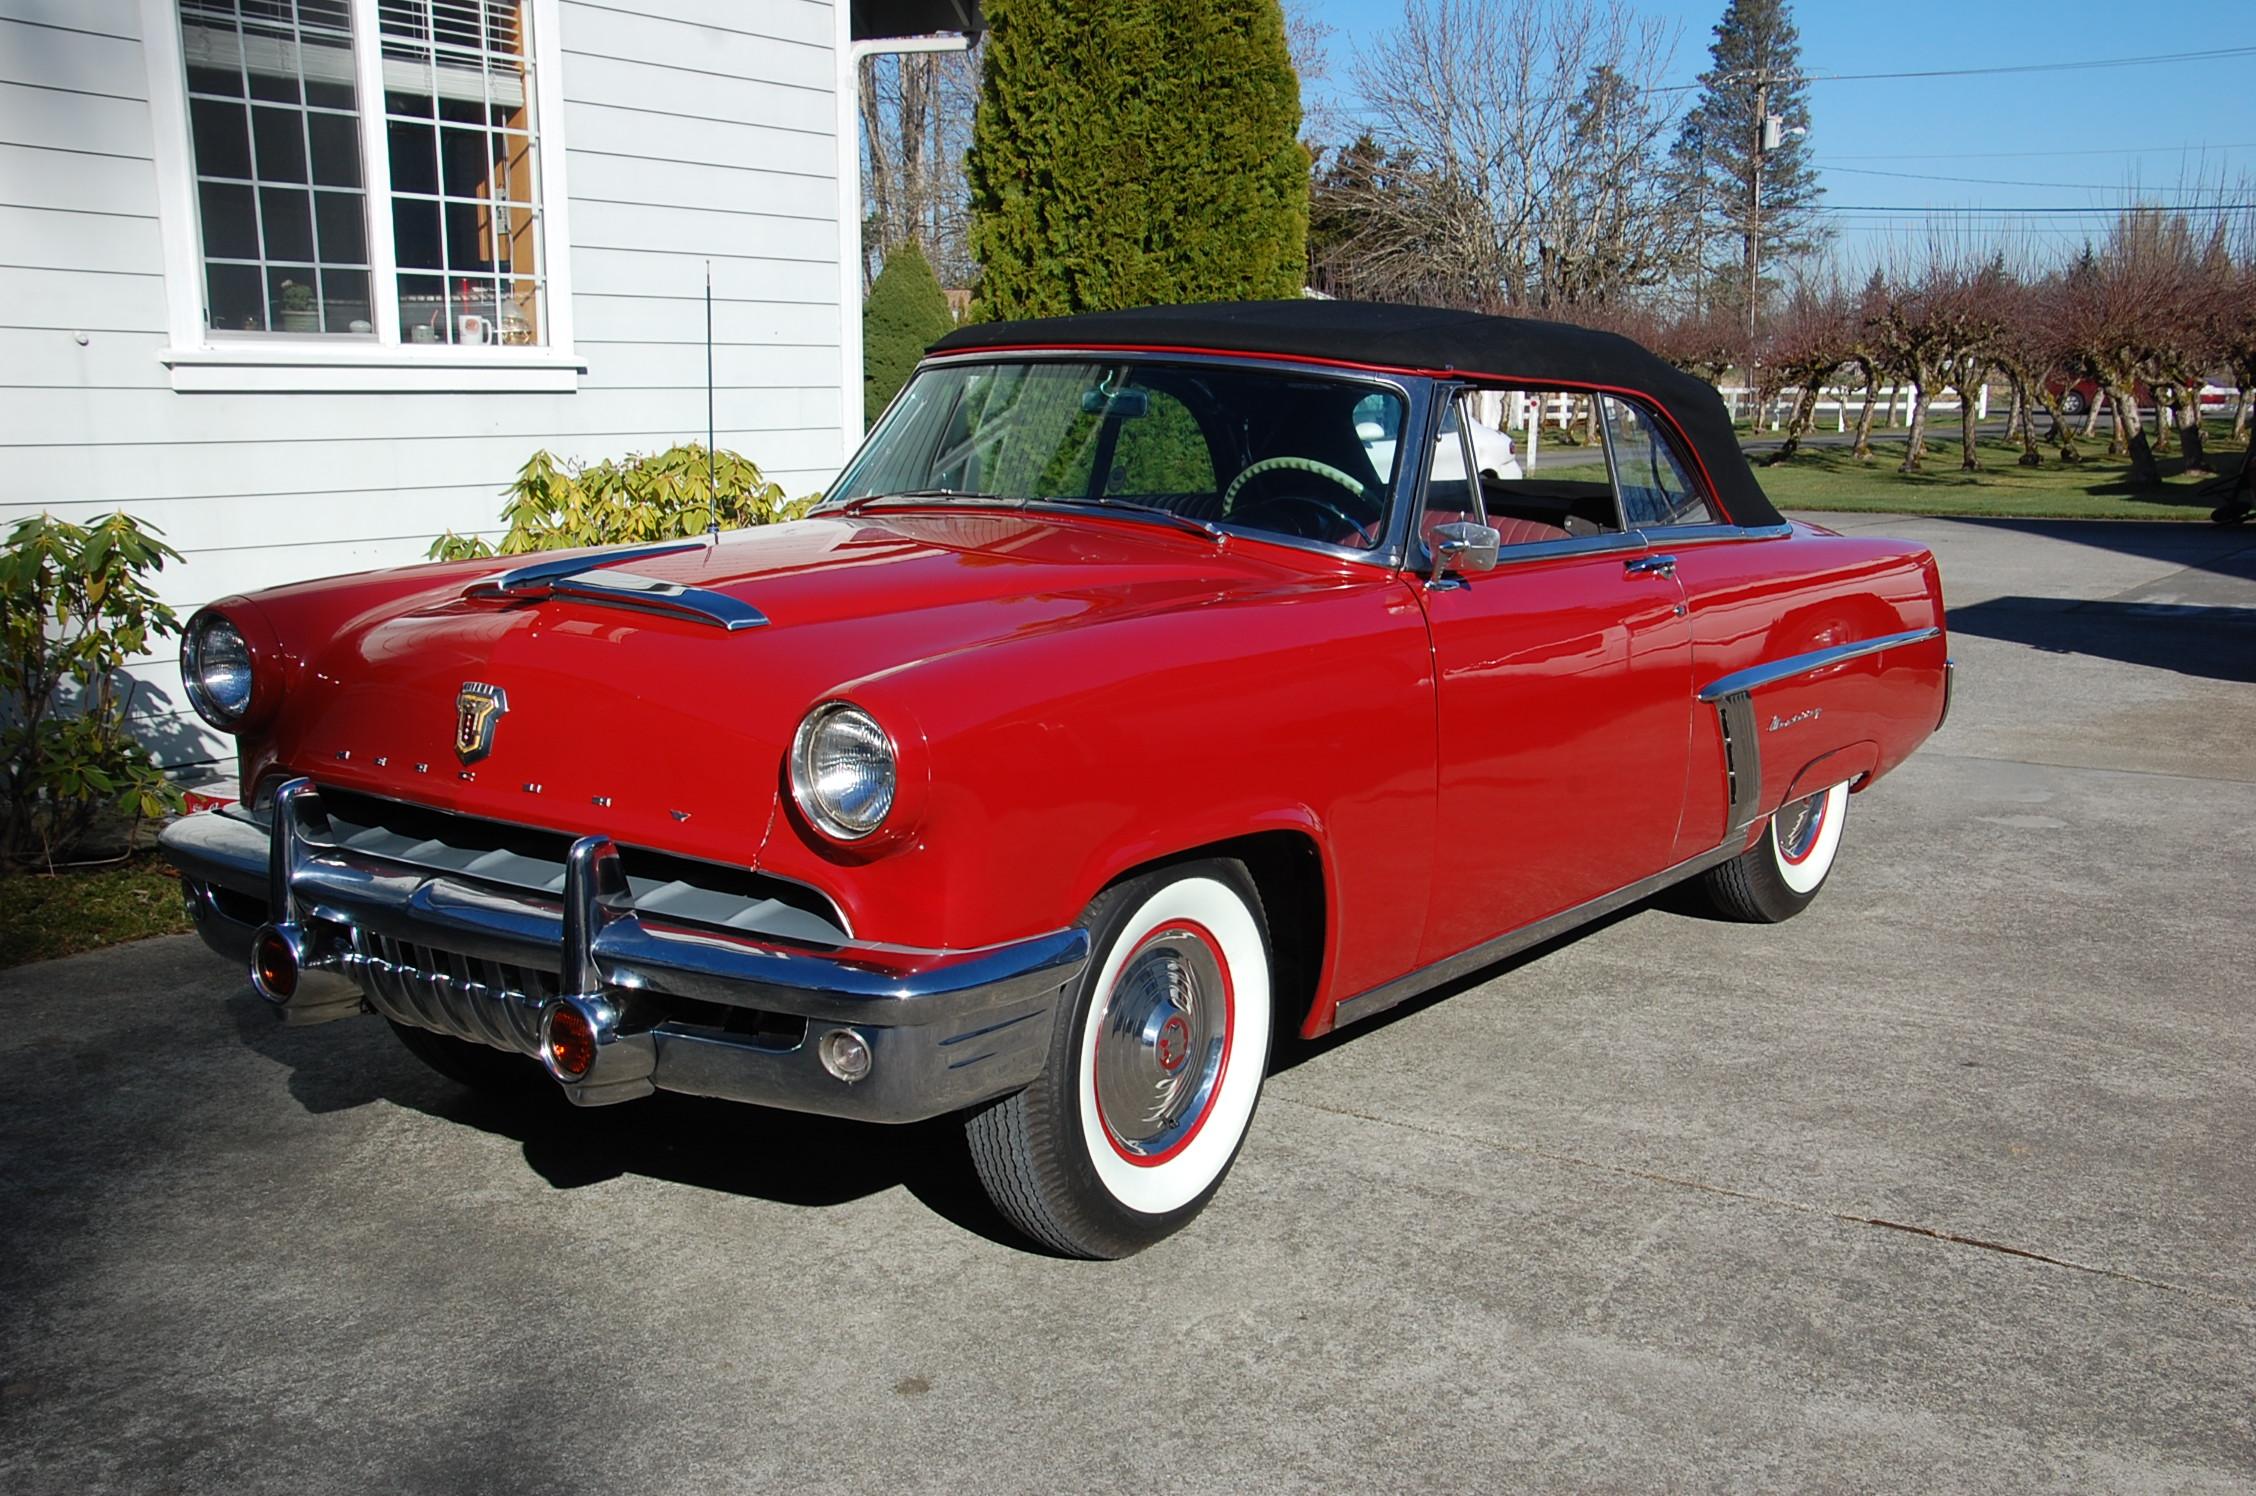 John And Nancy McGinnis - 1952 Mercury Monterey Convertible(1st year of the Monterey)